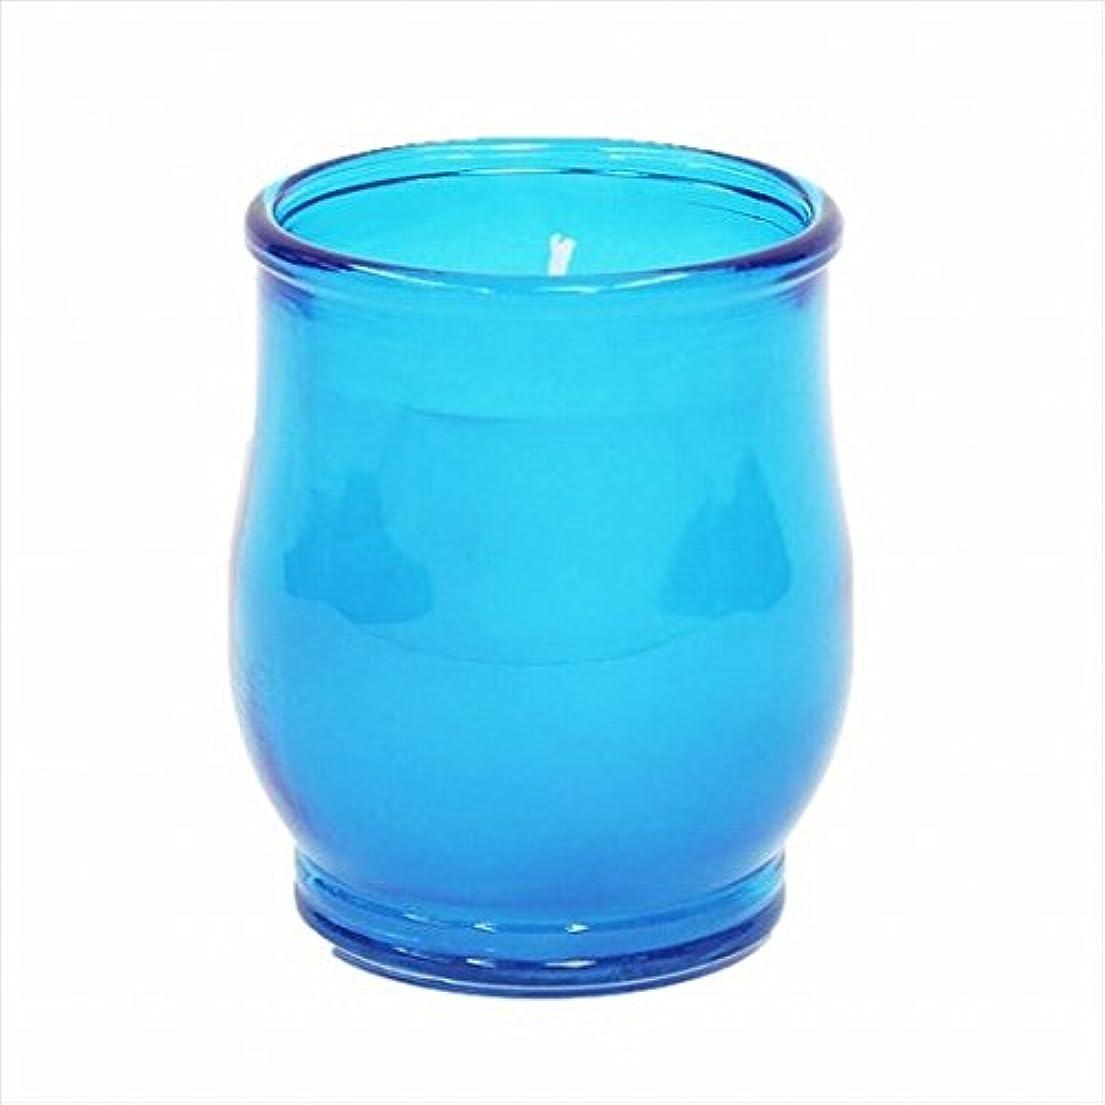 内陸ディスカウントの前でカメヤマキャンドル(kameyama candle) ポシェ(非常用コップローソク) 「 ブルー 」